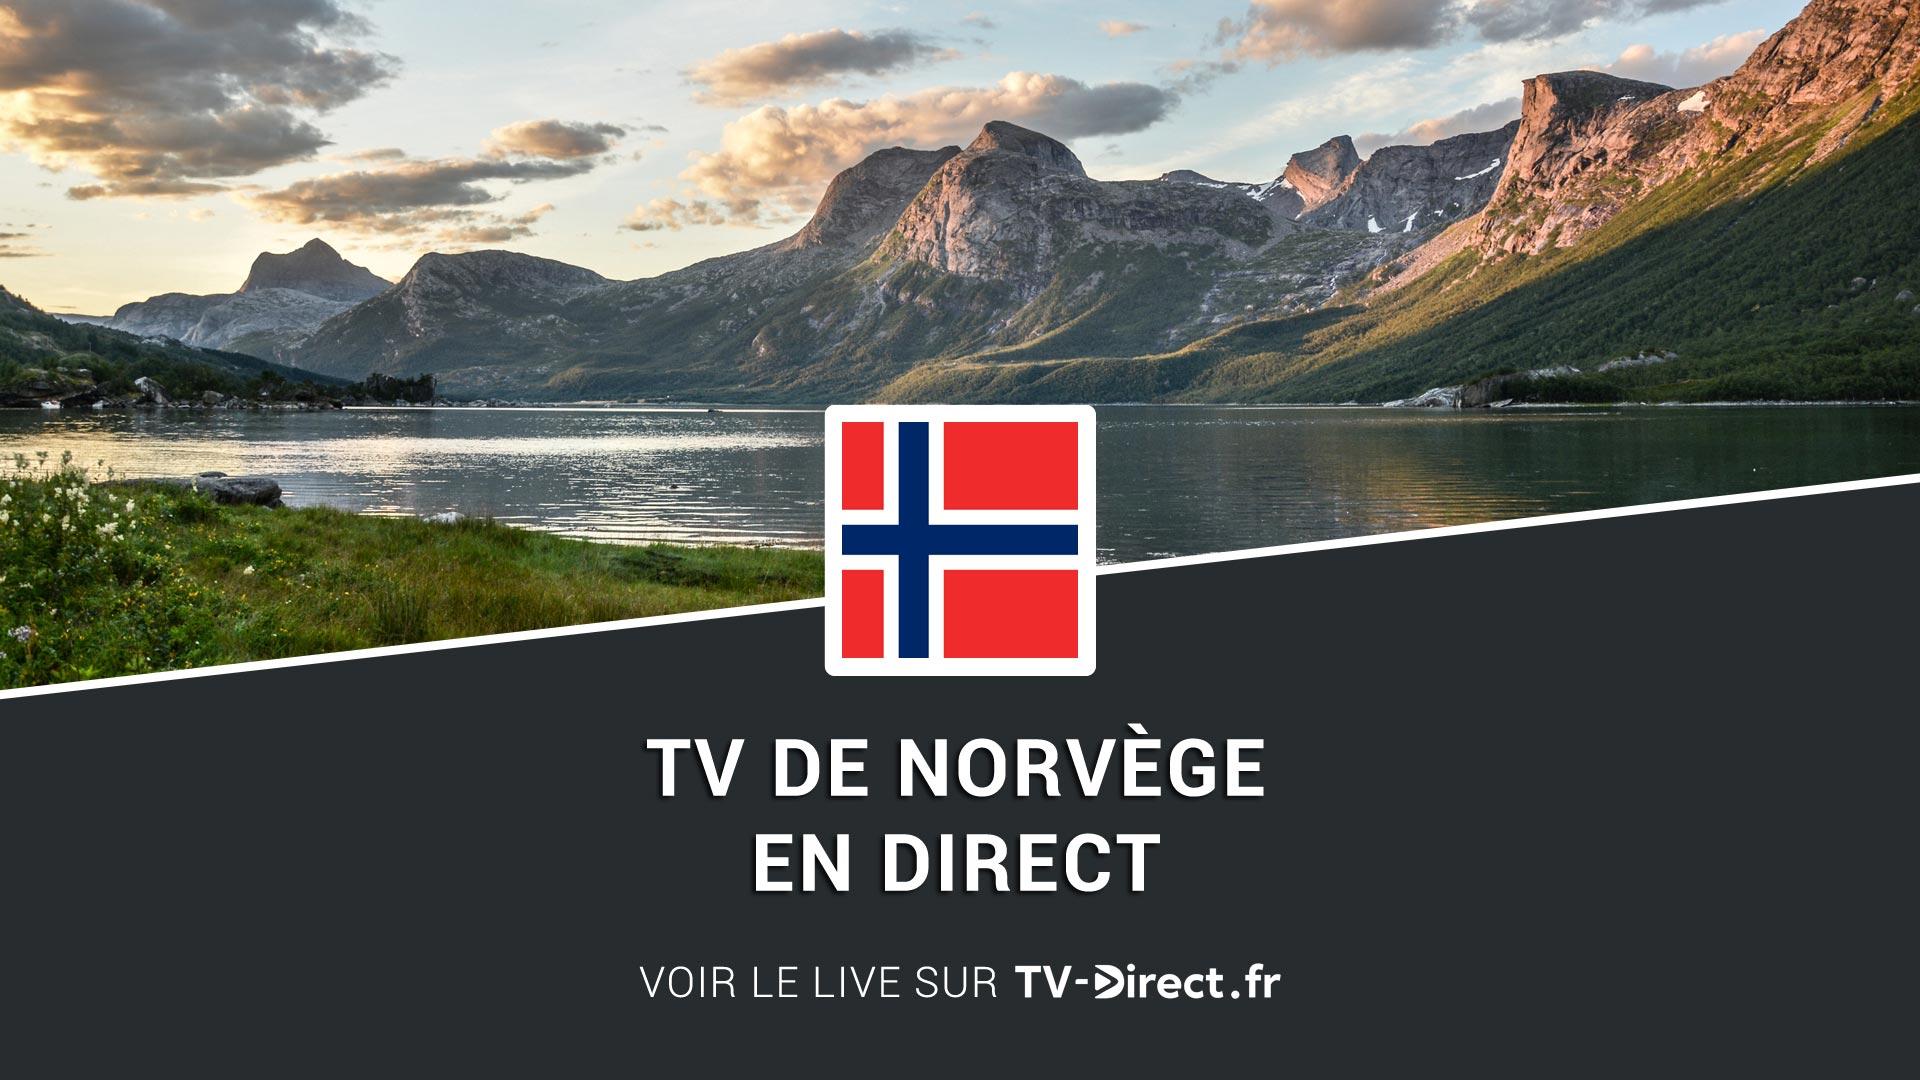 norv ge tv en direct sur internet tv norv gienne en live. Black Bedroom Furniture Sets. Home Design Ideas